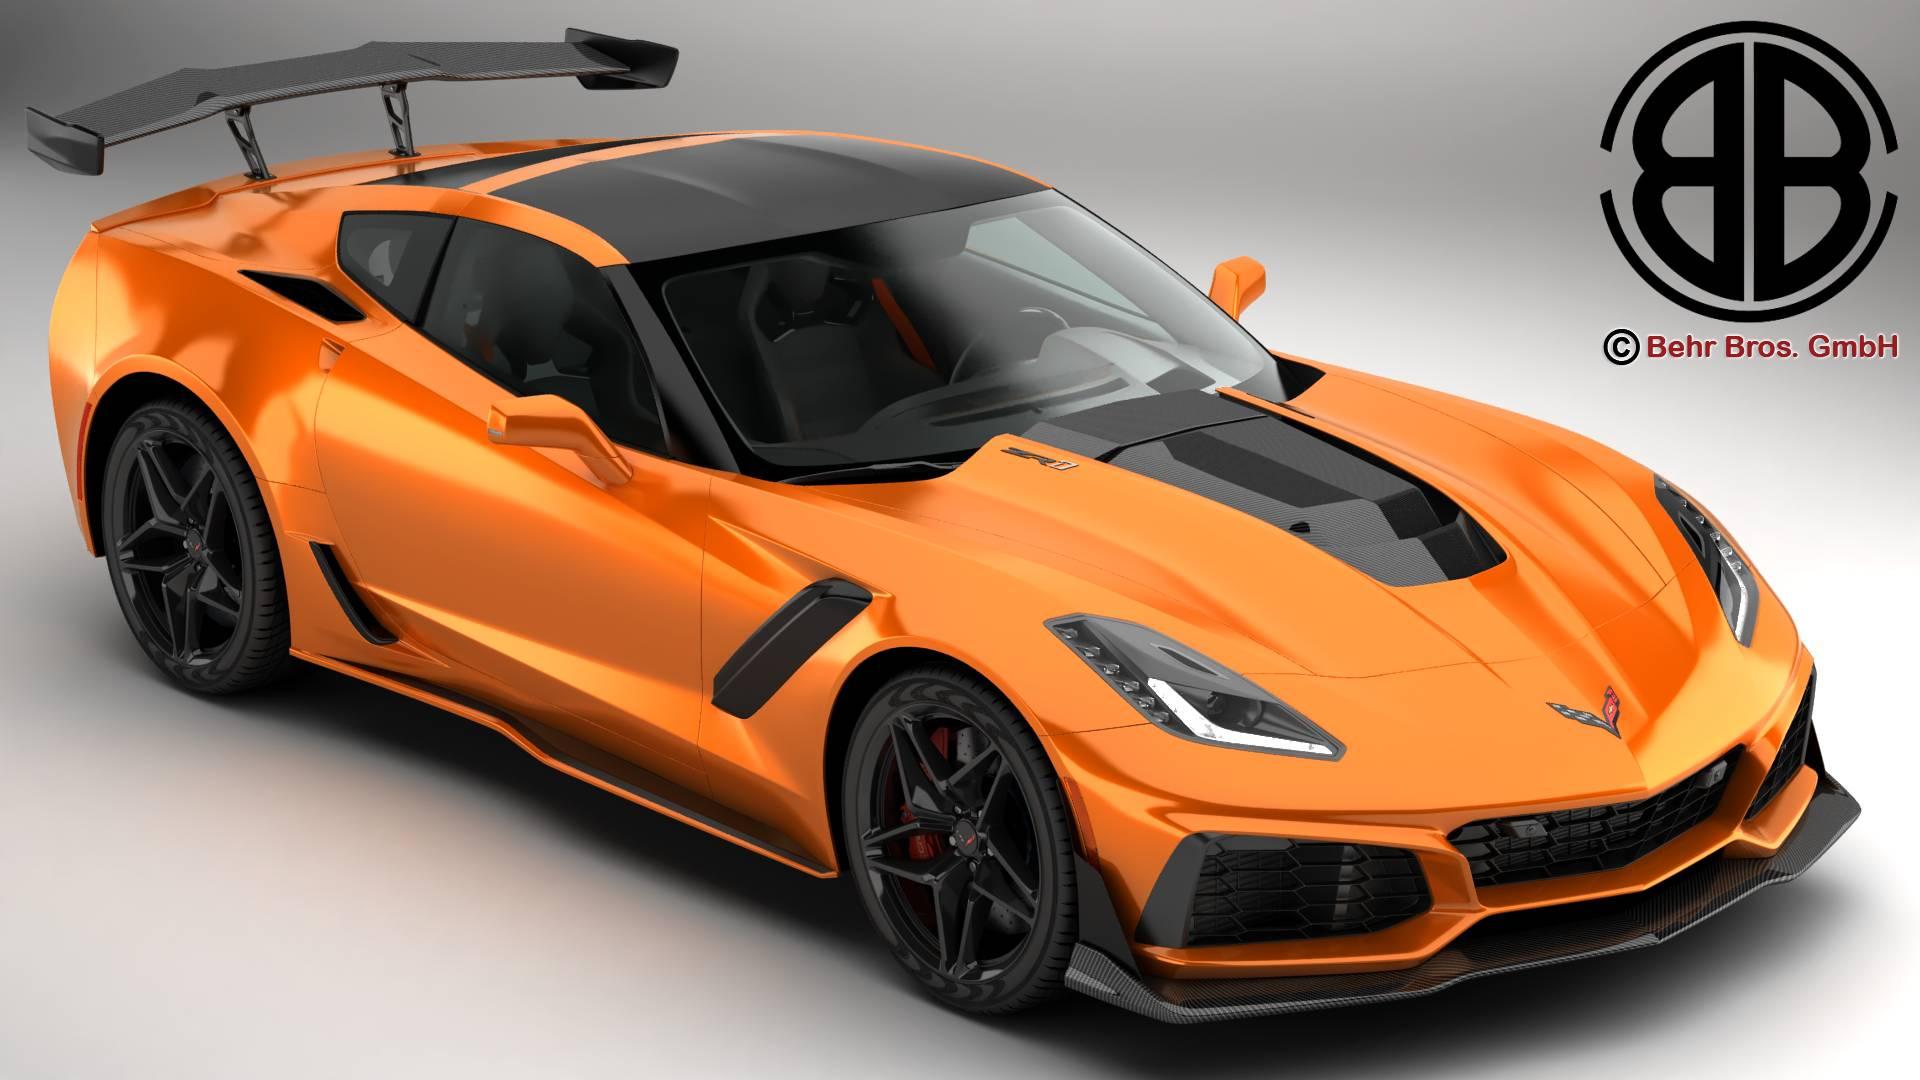 Chevrolet Corvette ZR1 2019 3d model 3ds max fbx c4d lwo lws lw ma mb obj 275966